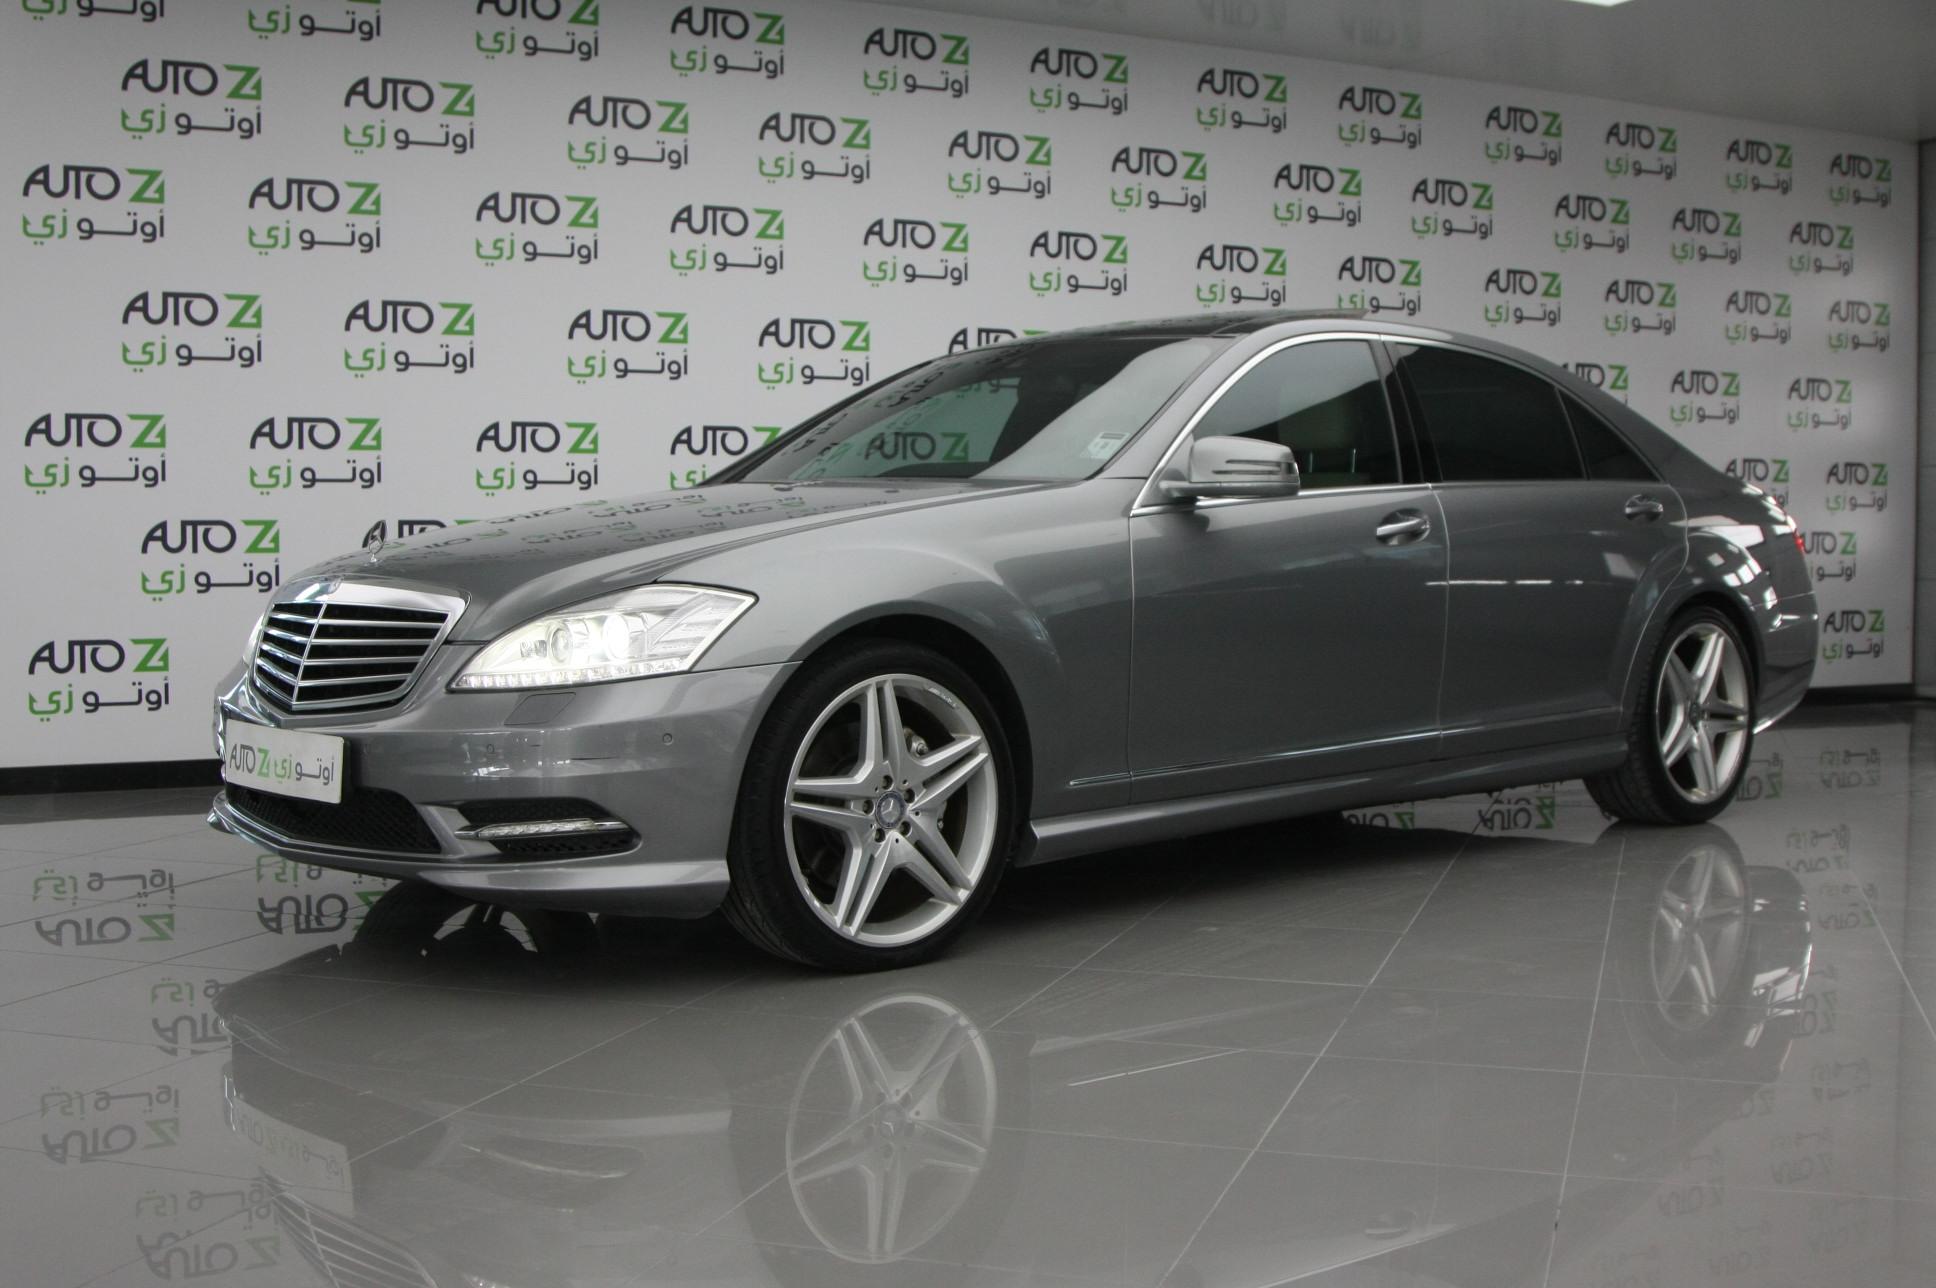 2011 mercedes benz s350 grey color autoz qatar for Mercedes benz qatar